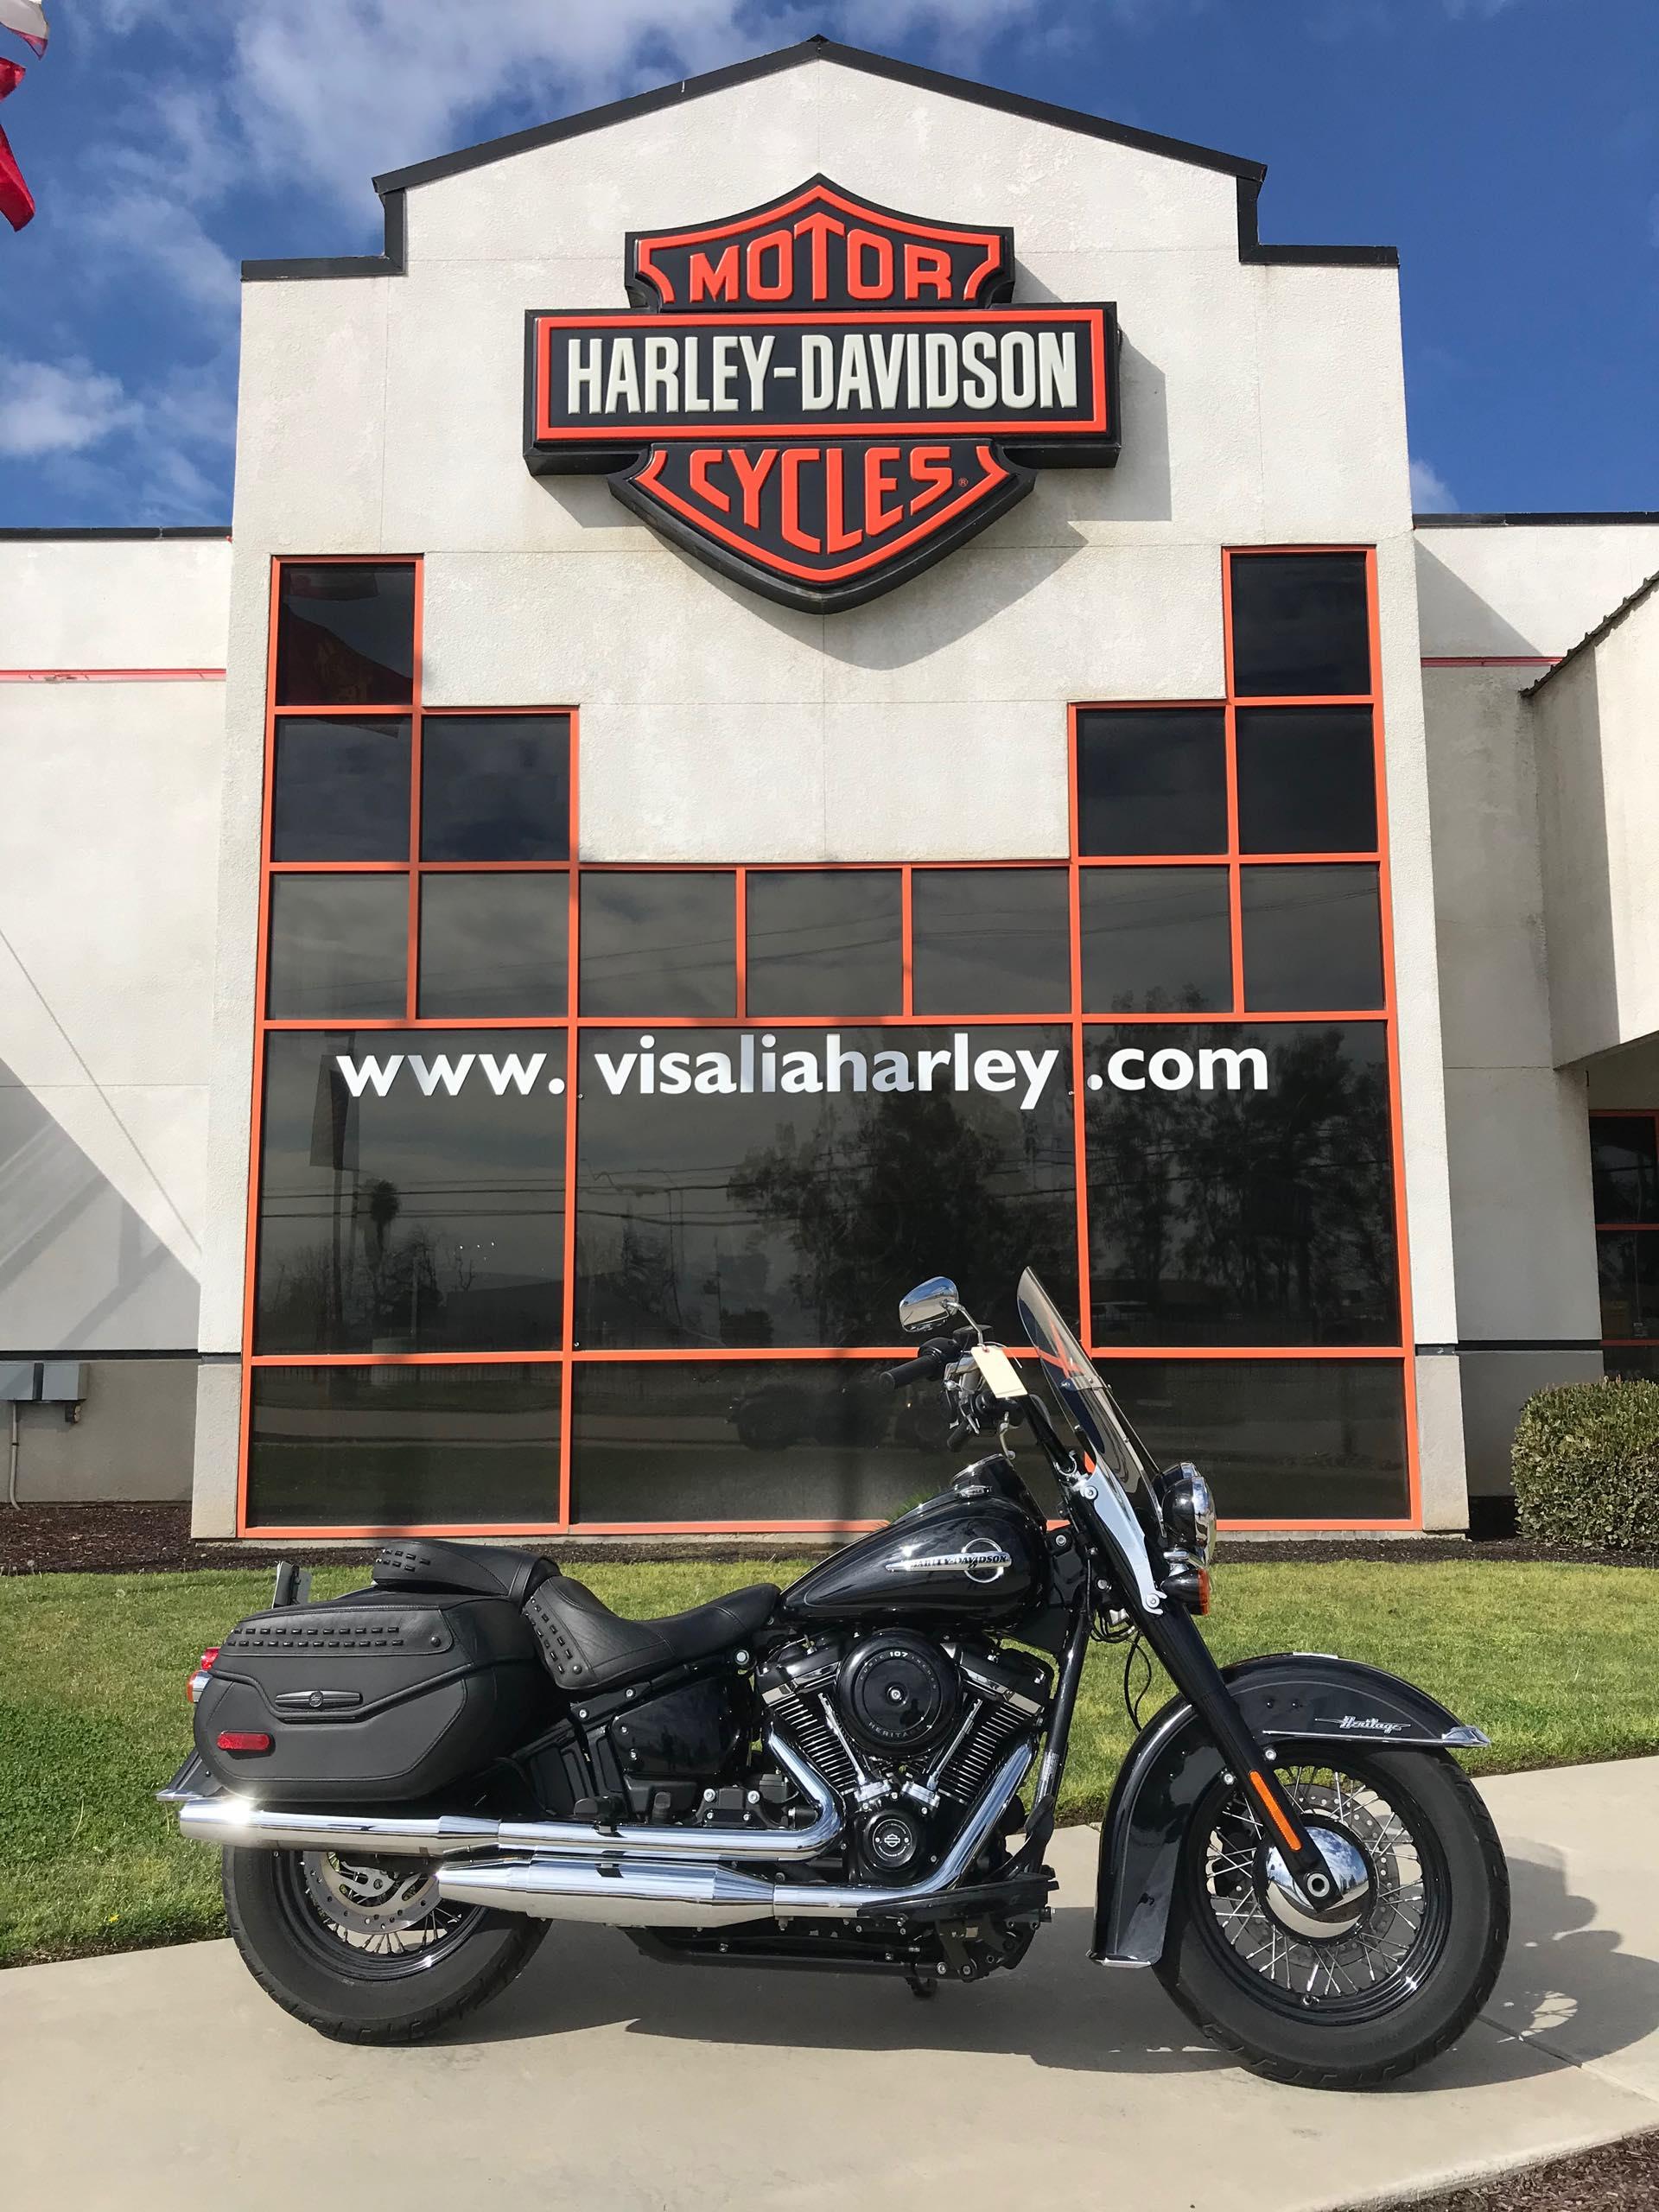 2019 Harley-Davidson Softail Heritage Classic at Visalia Harley-Davidson